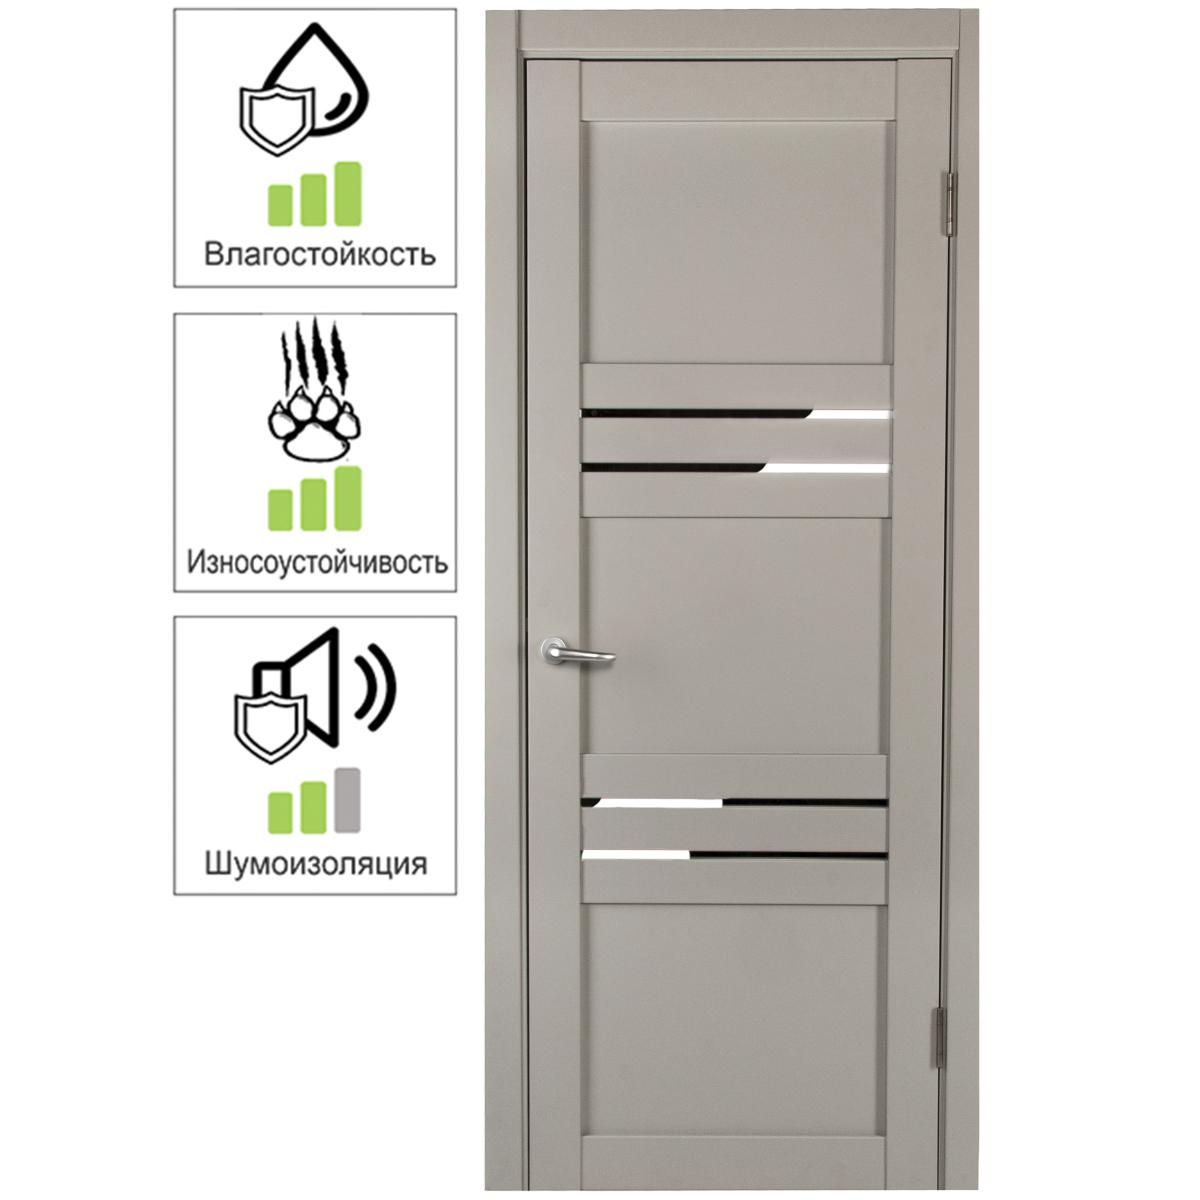 Дверь межкомнатная с фурнитурой Астерия 60х200 см Hardflex цвет серый жемчуг